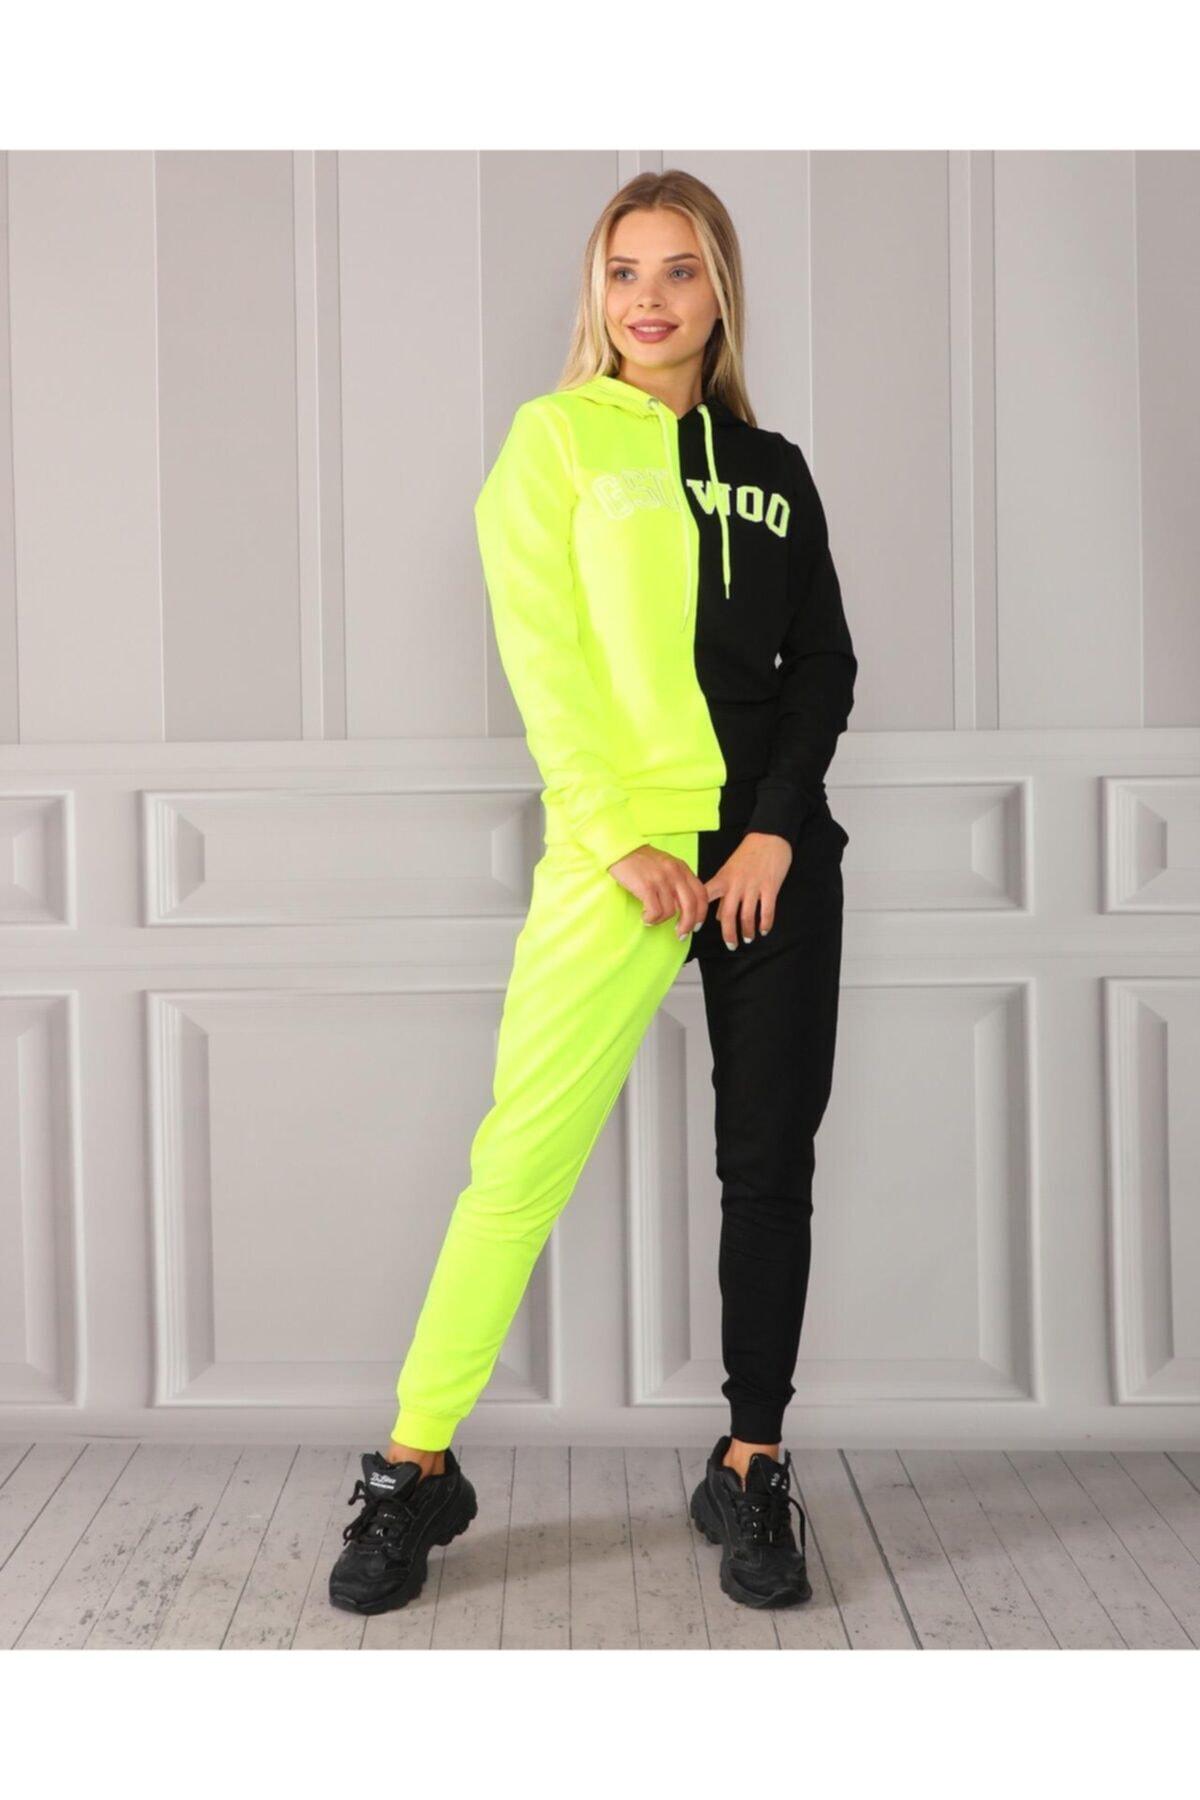 TREND Kadın Siyah Renk Bloklu Eşofman Takımı Ustu Sweatshirt Alt Ust Takım 1